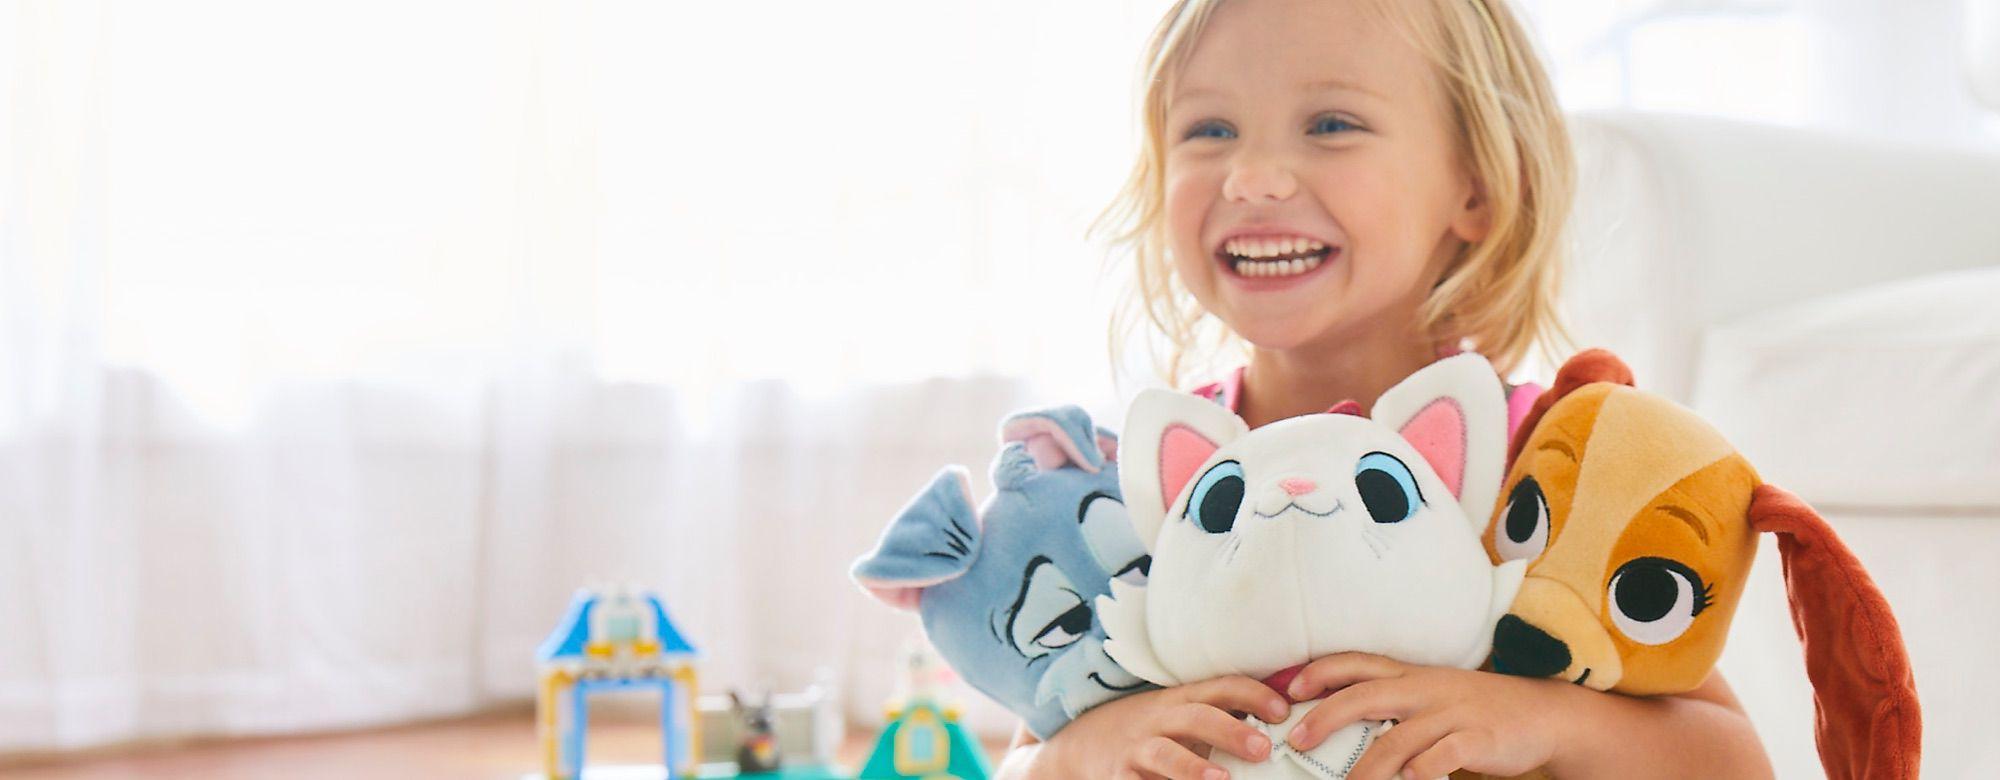 Disney Furrytale Friends Découvrez la gamme de jouets, peluches et vêtements à l'effigie de vos amis touffus, de Marie et Berlioz jusqu'à Baloo ou Lady. DÉCOUVRIR